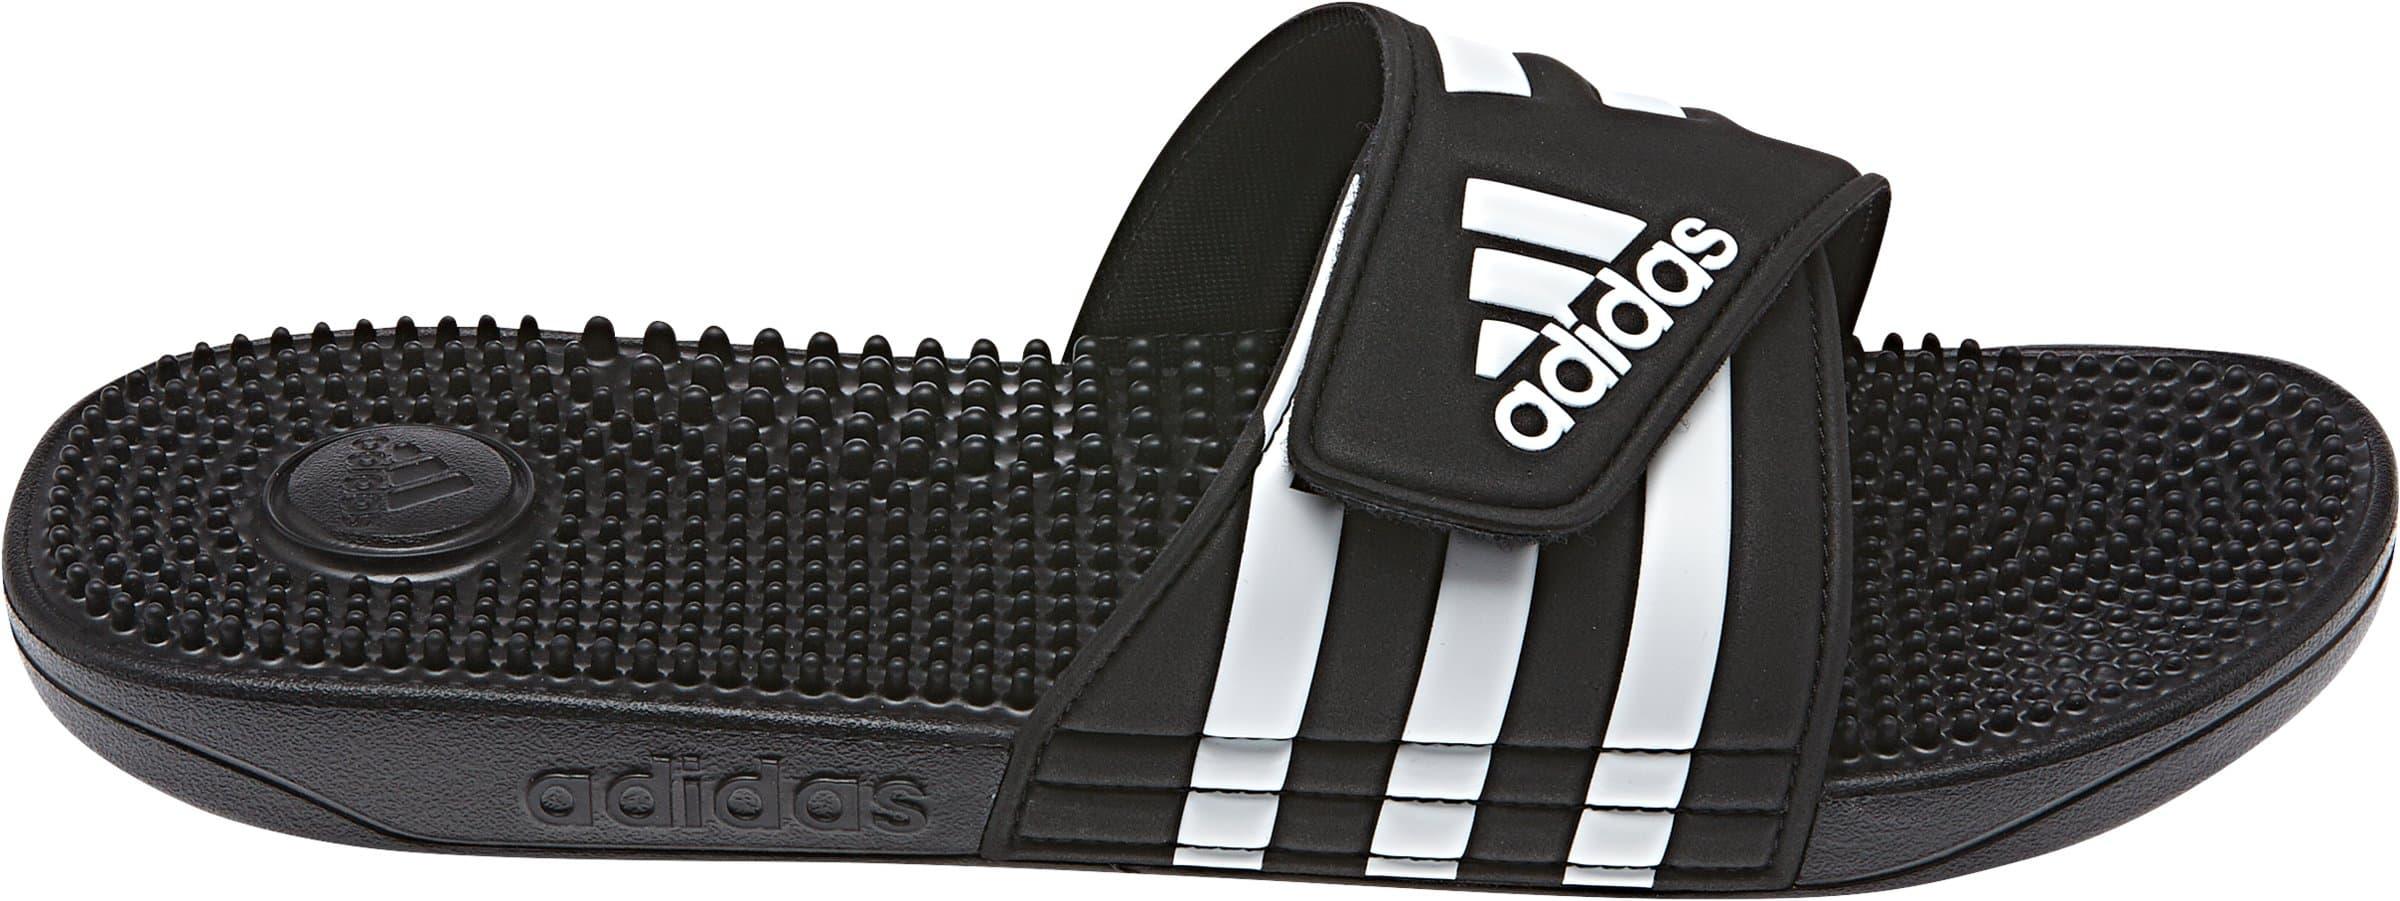 Adidas Adissage Pantoufles pour homme